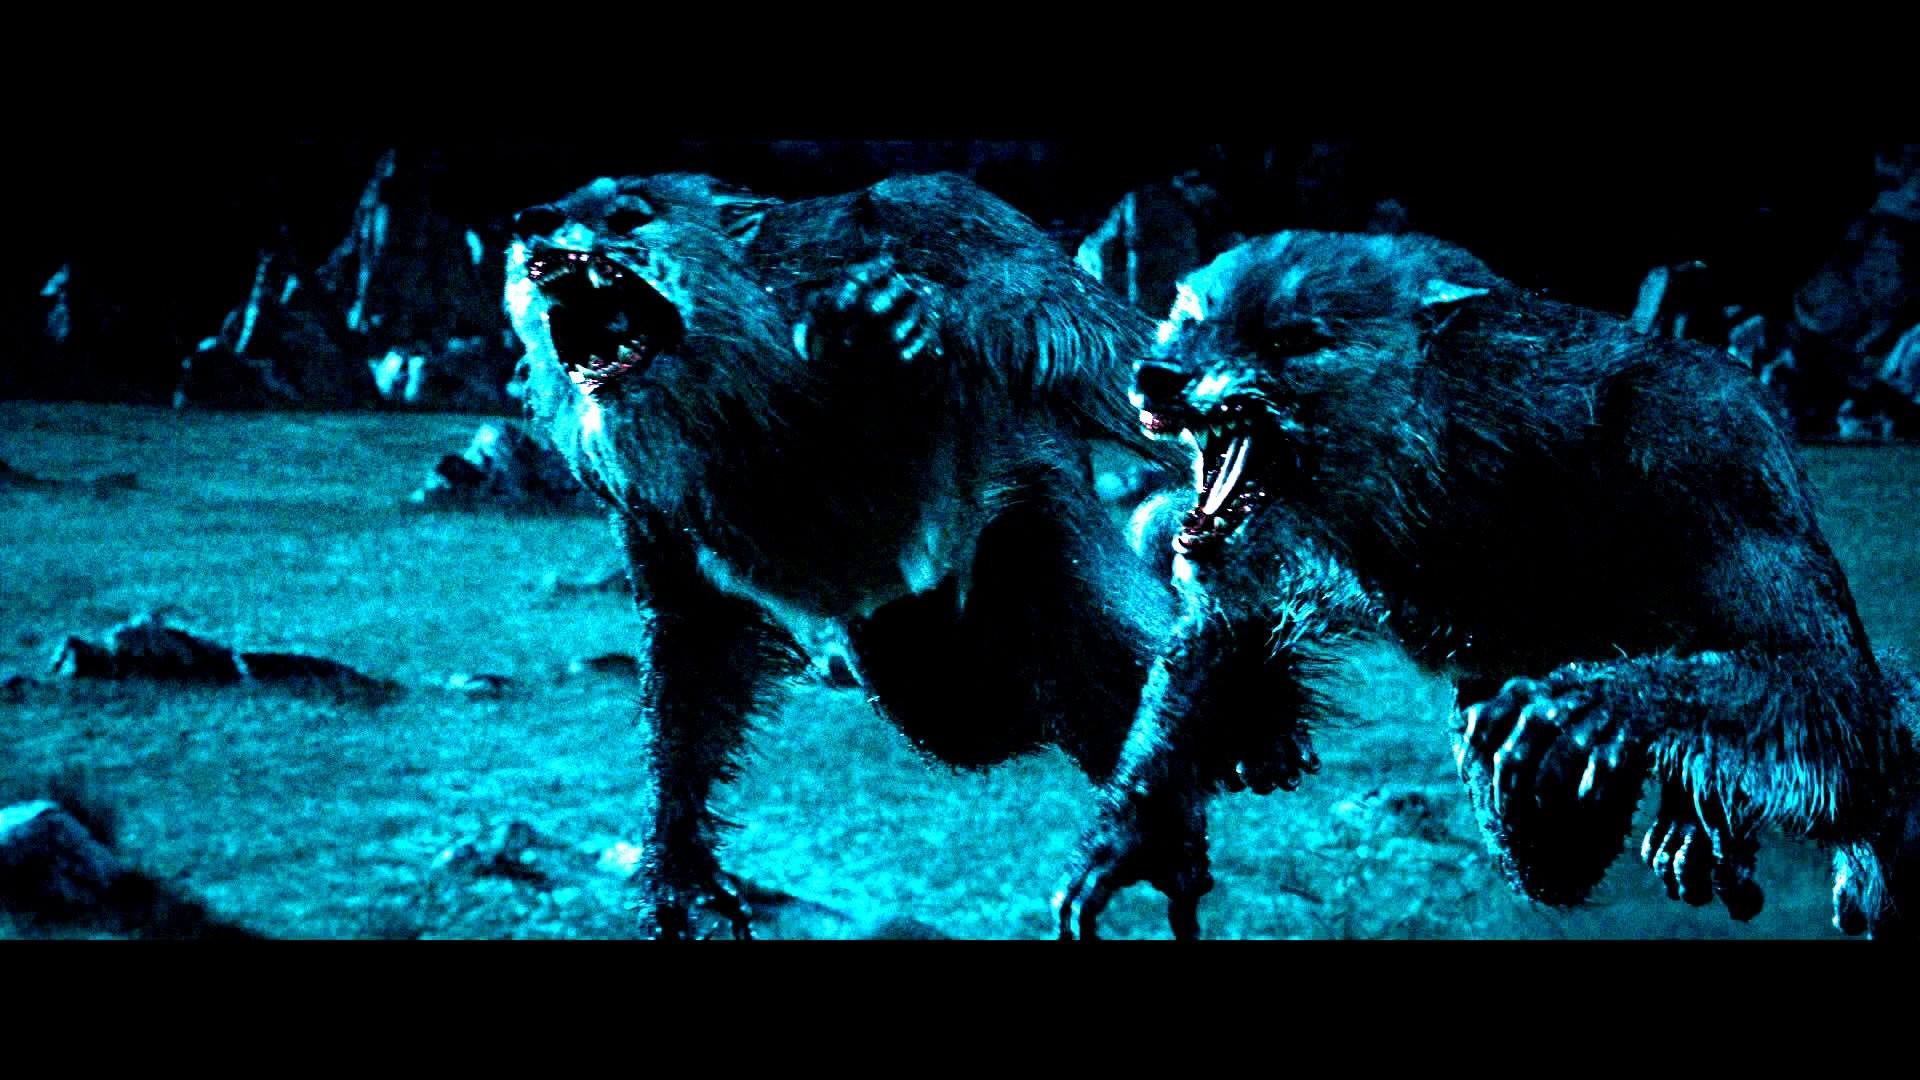 UNDERWORLD action fantasy thriller dark lycan werewolf ji wallpaper